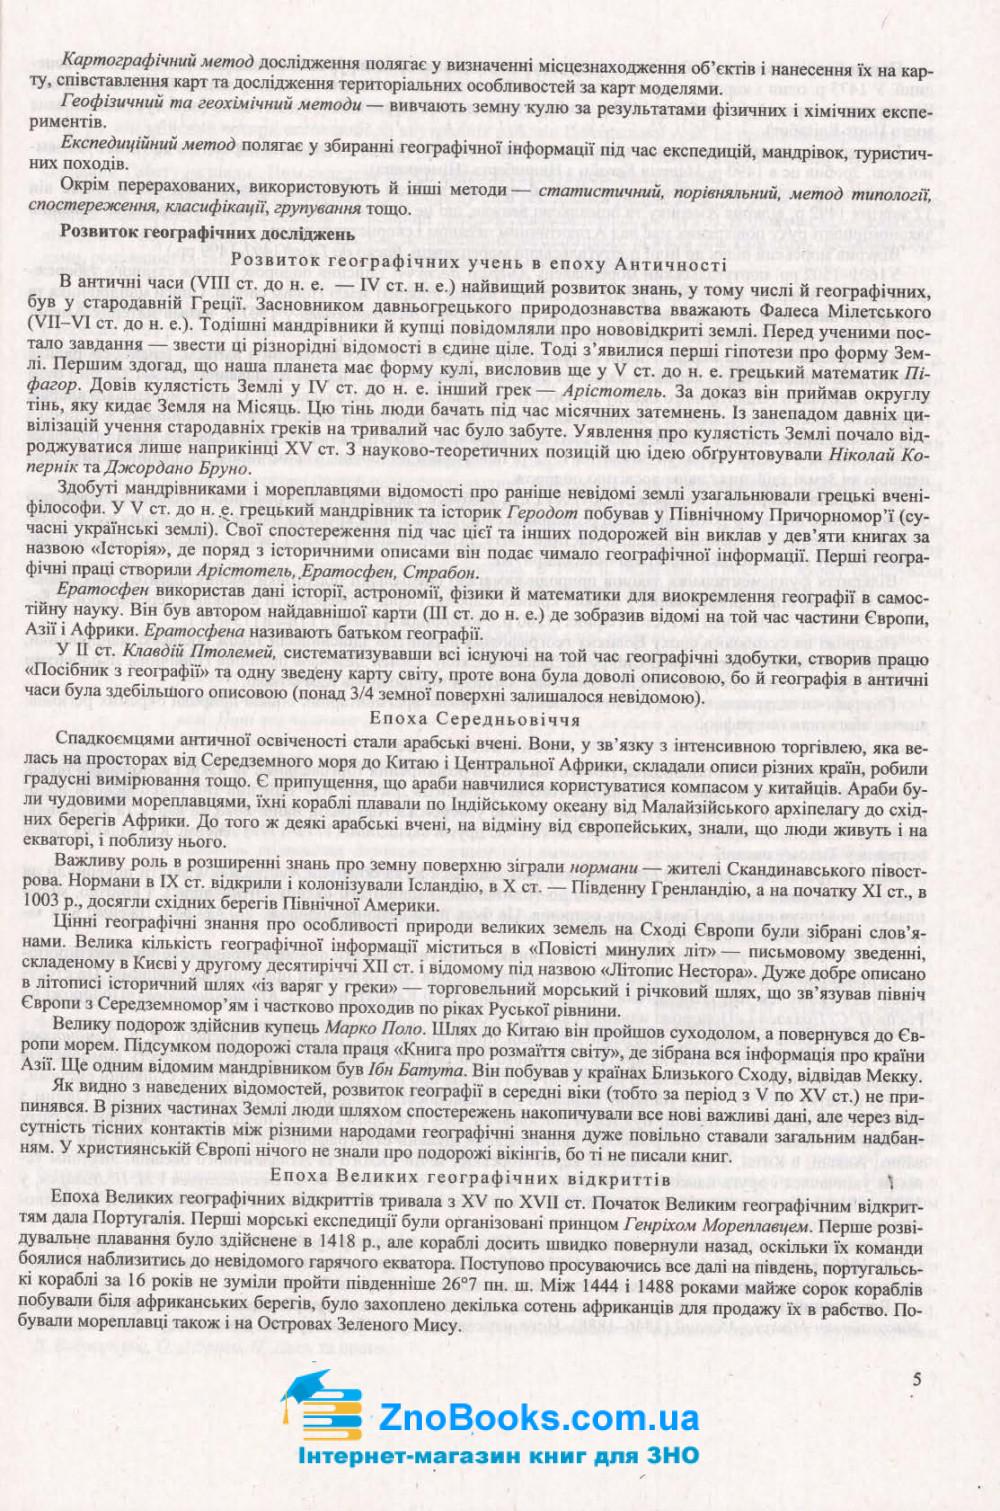 ЗНО 2021 Географія. Комплексне видання : Кузишин А. Підручники і посібники. купити 5